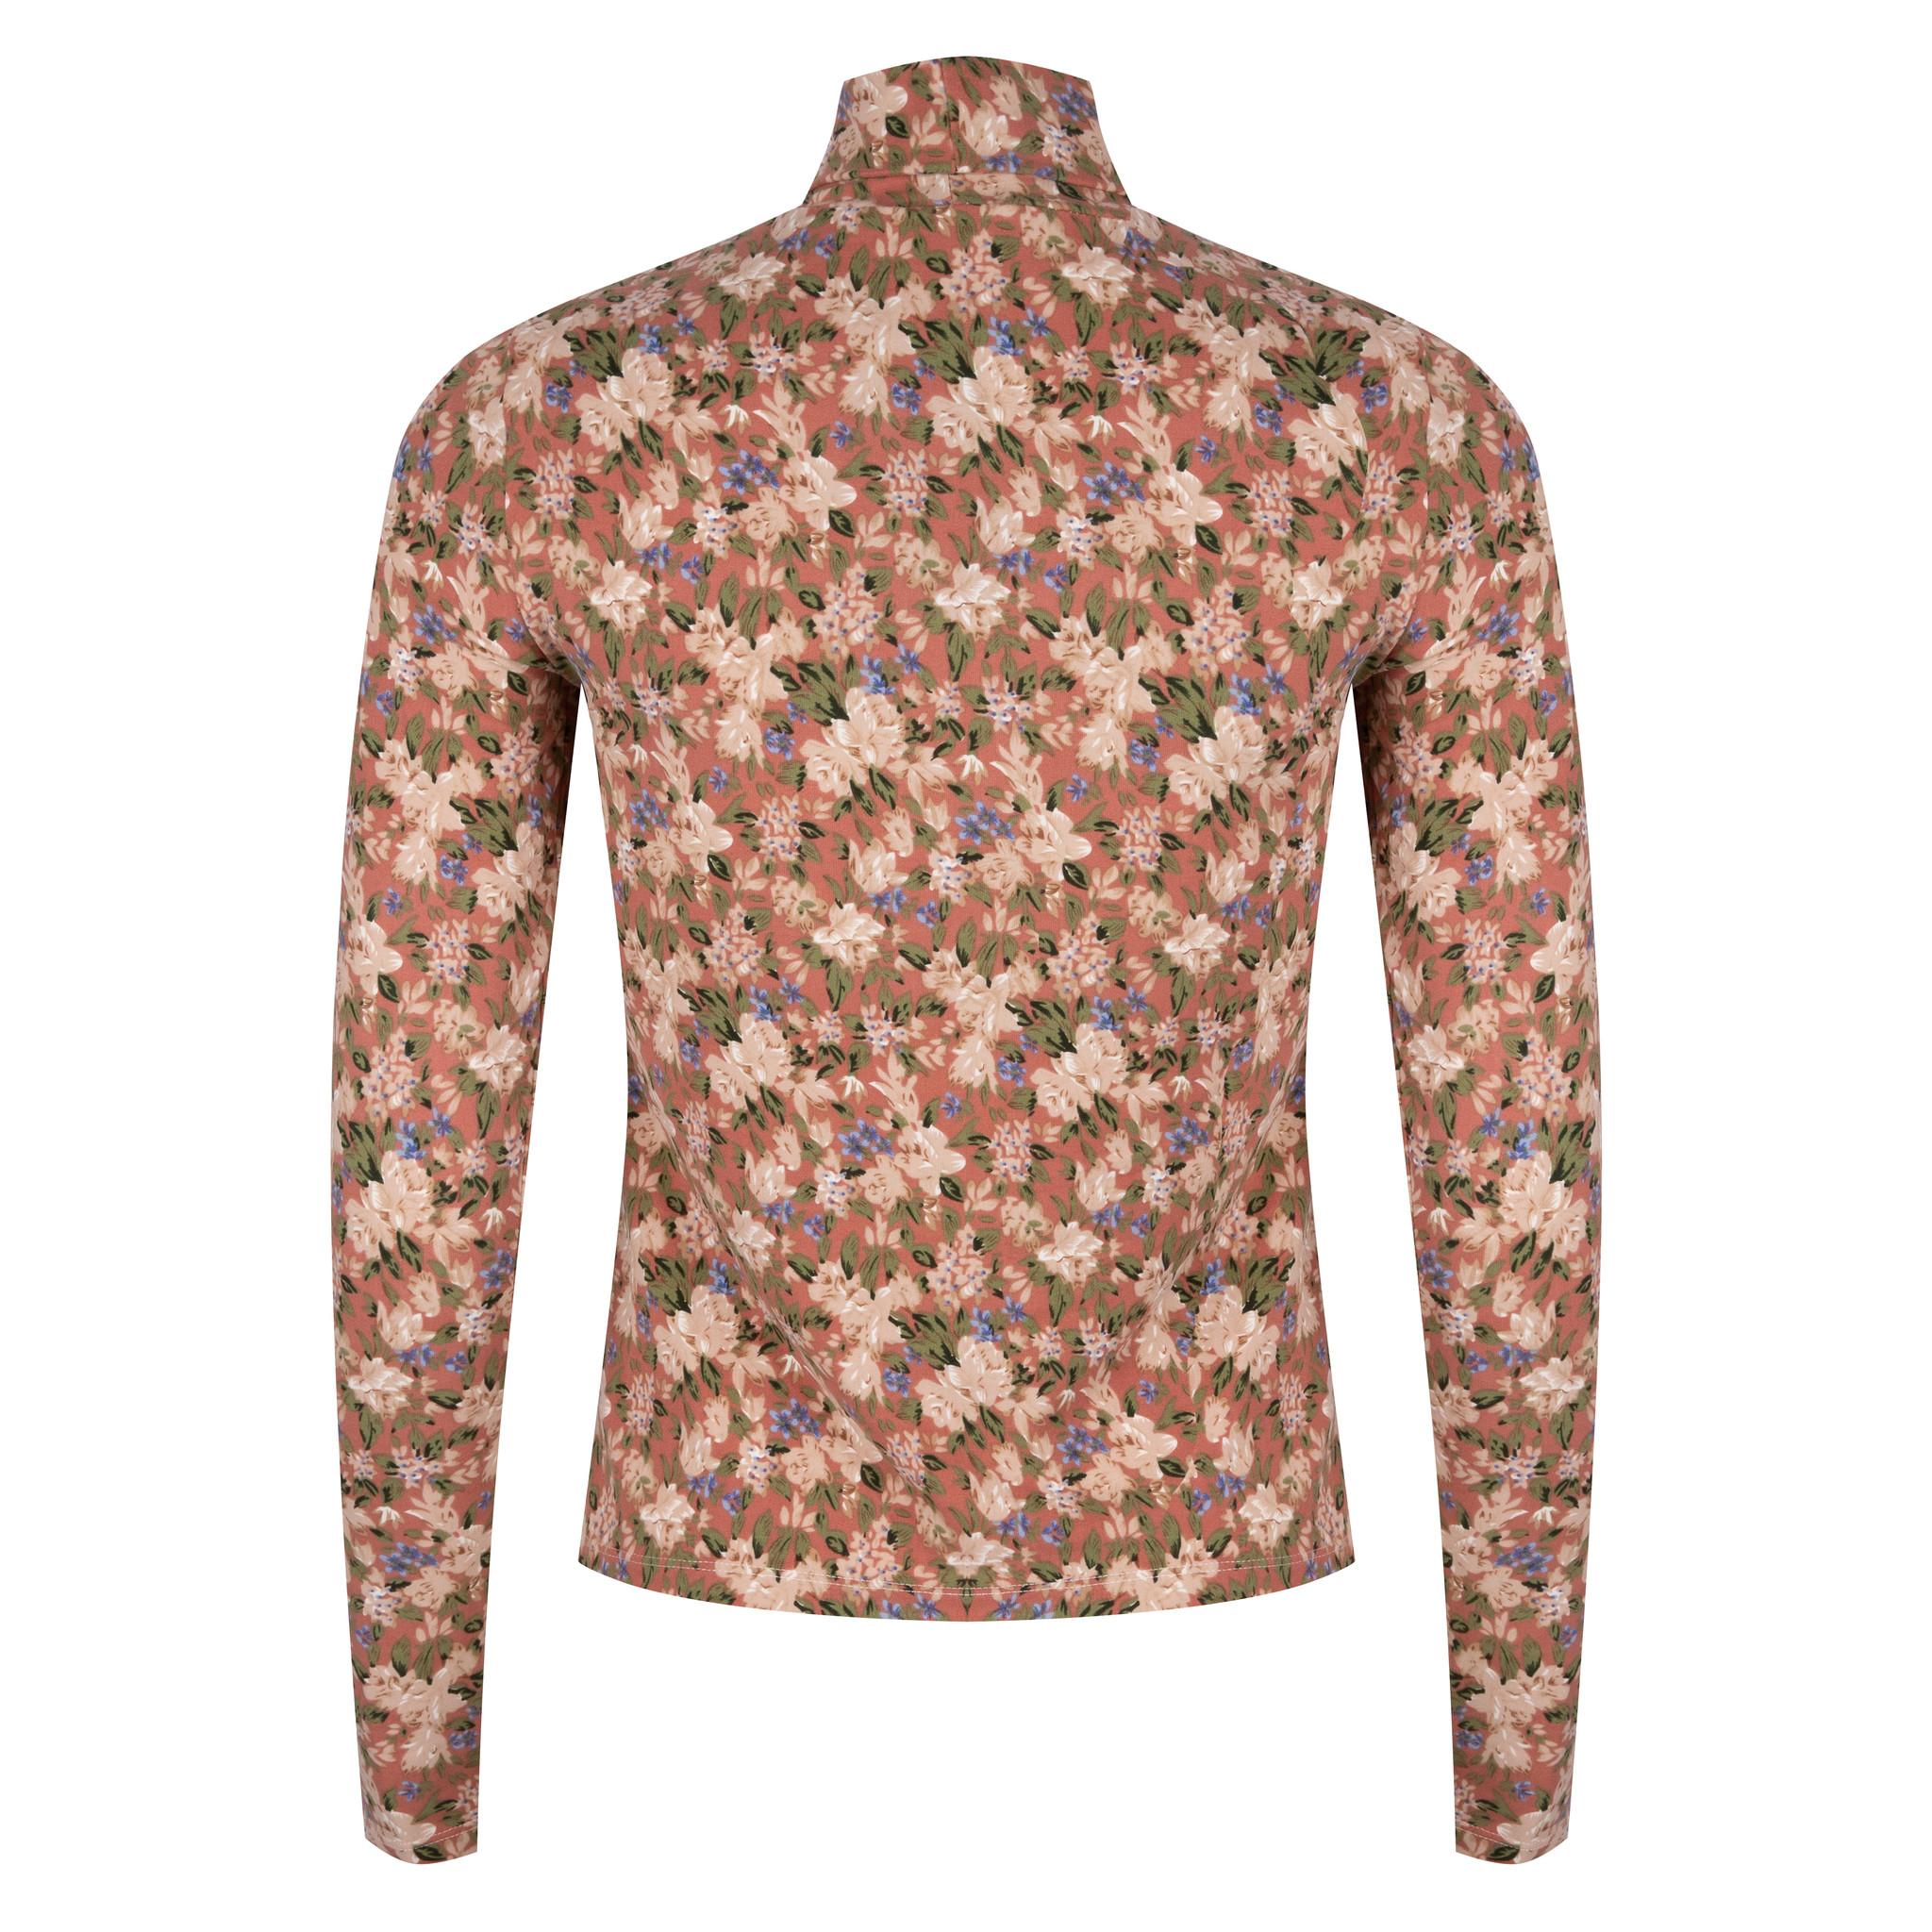 Lofty Manner Pink Floral Print Top Celine